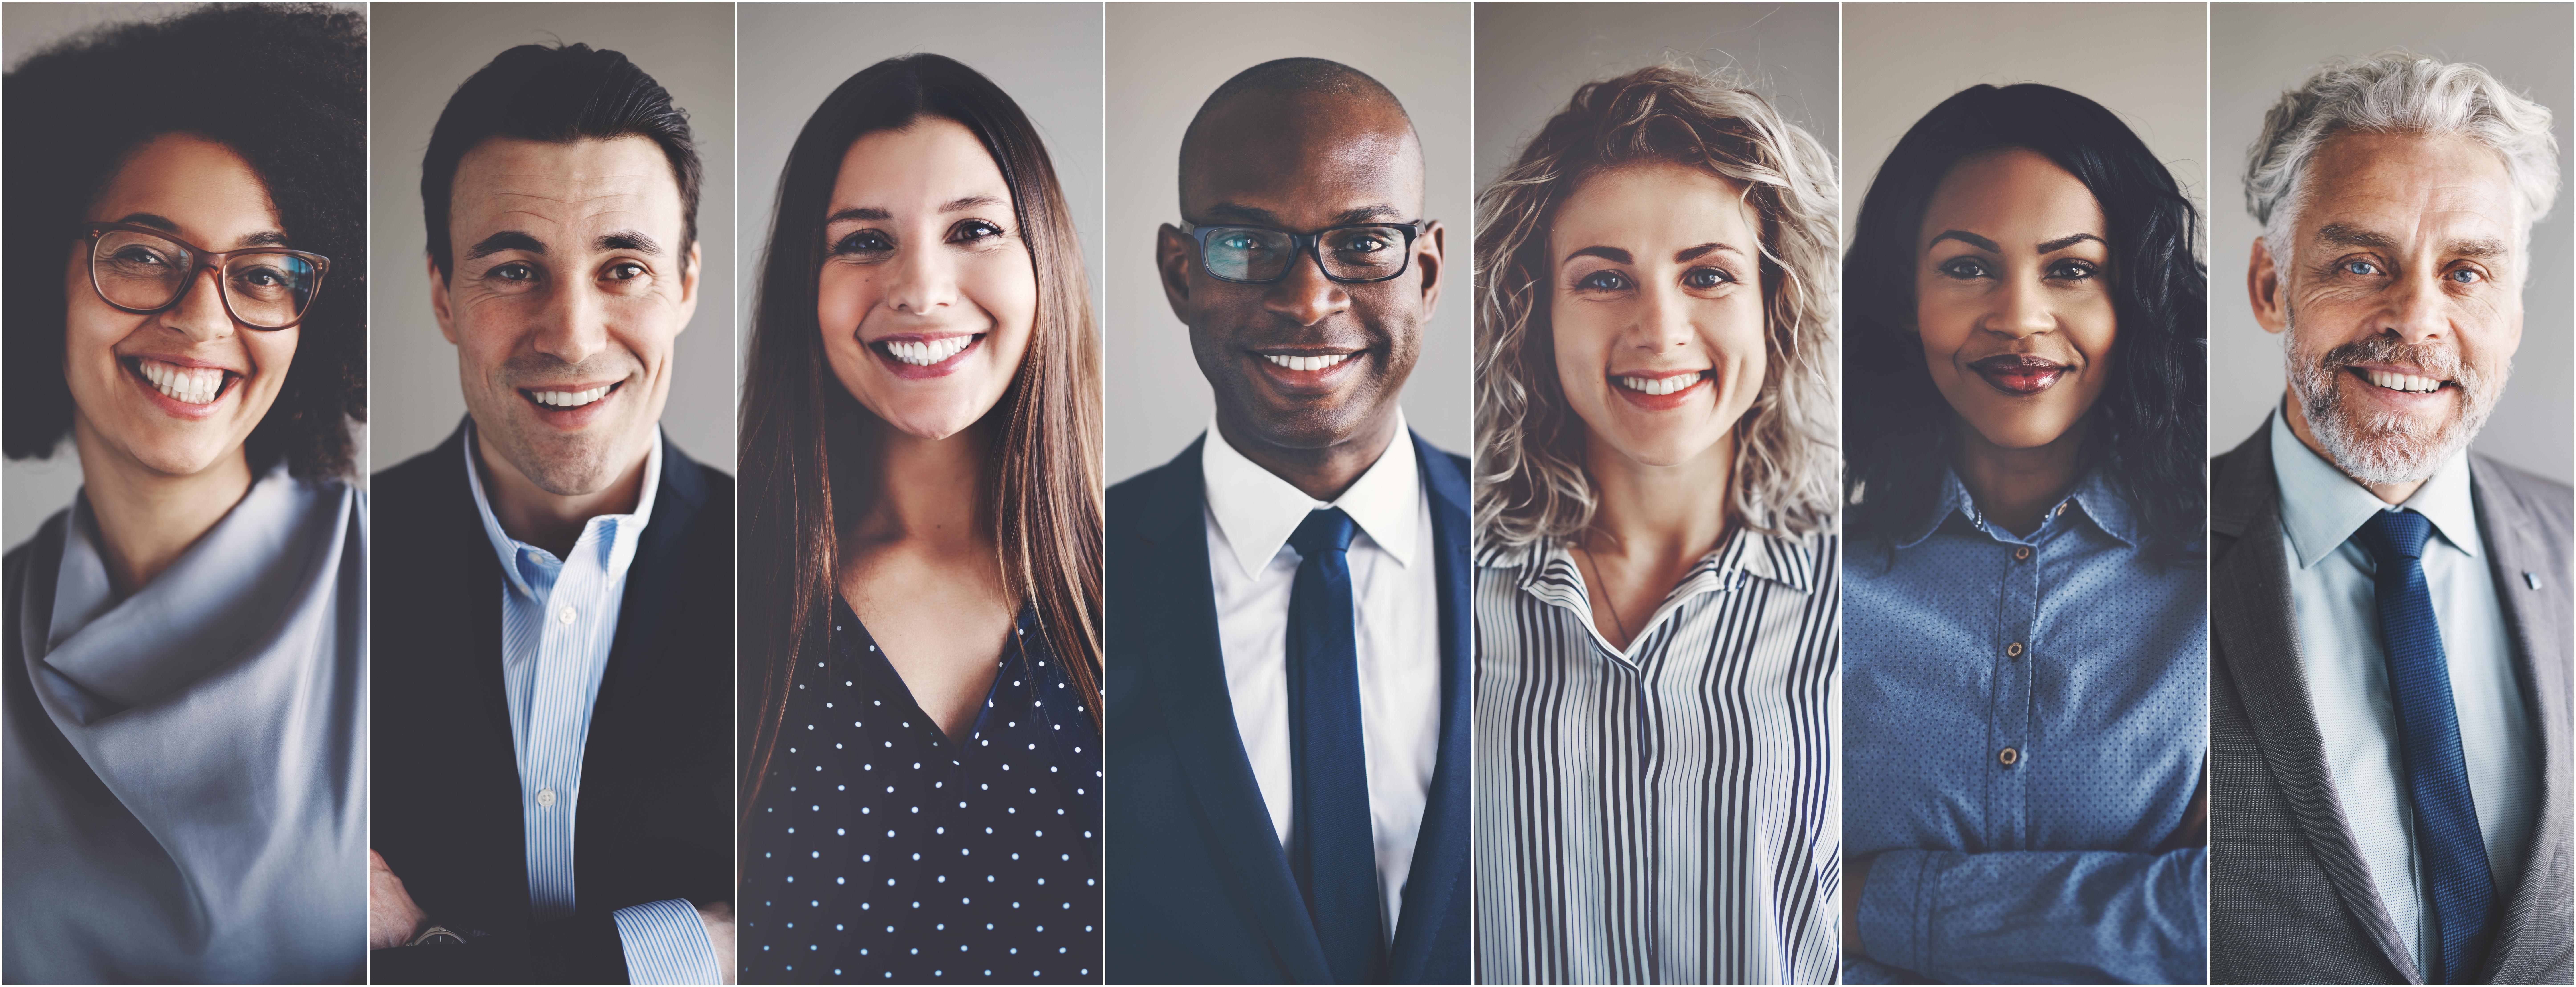 diversity-hiring-talent-strategy-profitable